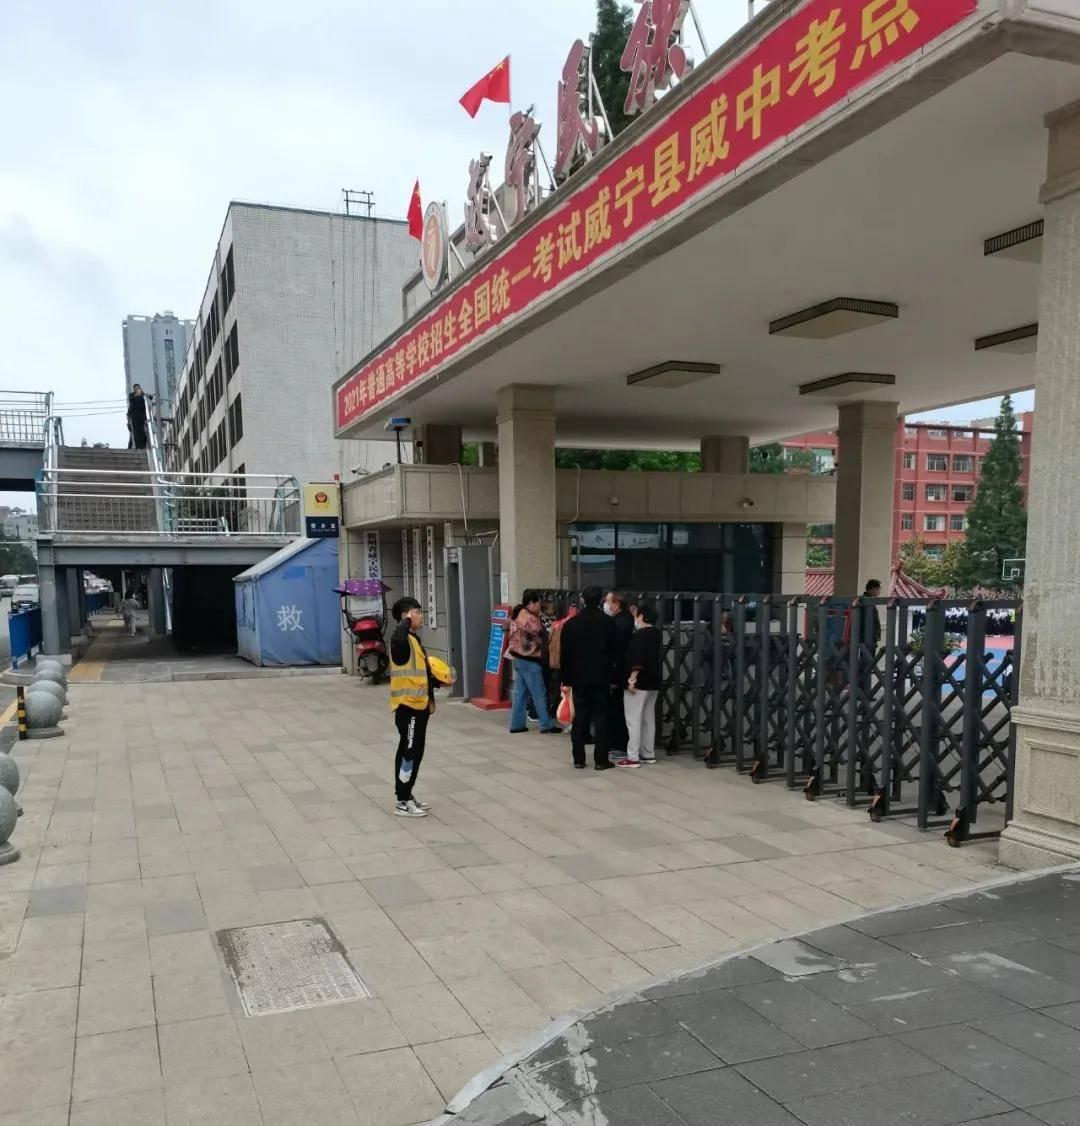 威宁外卖小哥在威中校门口面对国旗脱帽敬礼,感人一幕被抓拍!